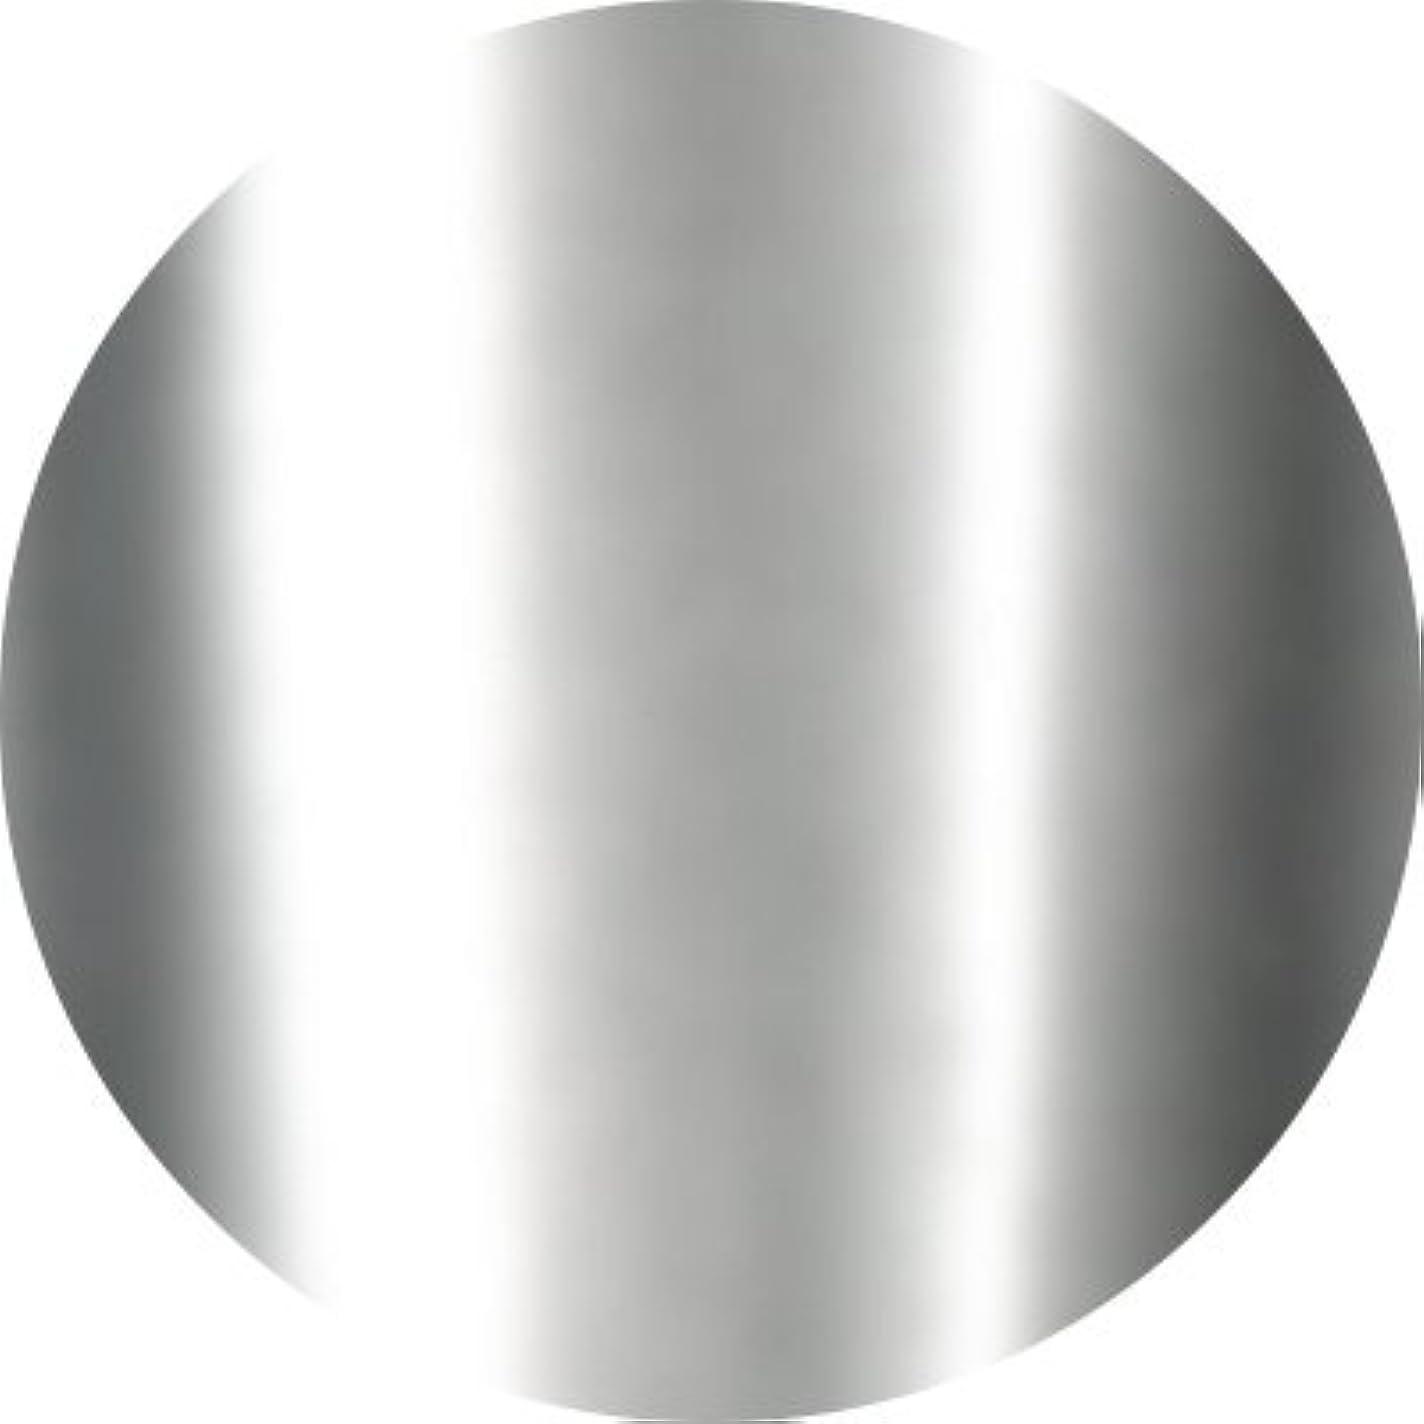 音ロースト底Jewelry jel(ジュエリージェル) カラージェル 5ml<BR>ピッカピカメタリック MKシルバー